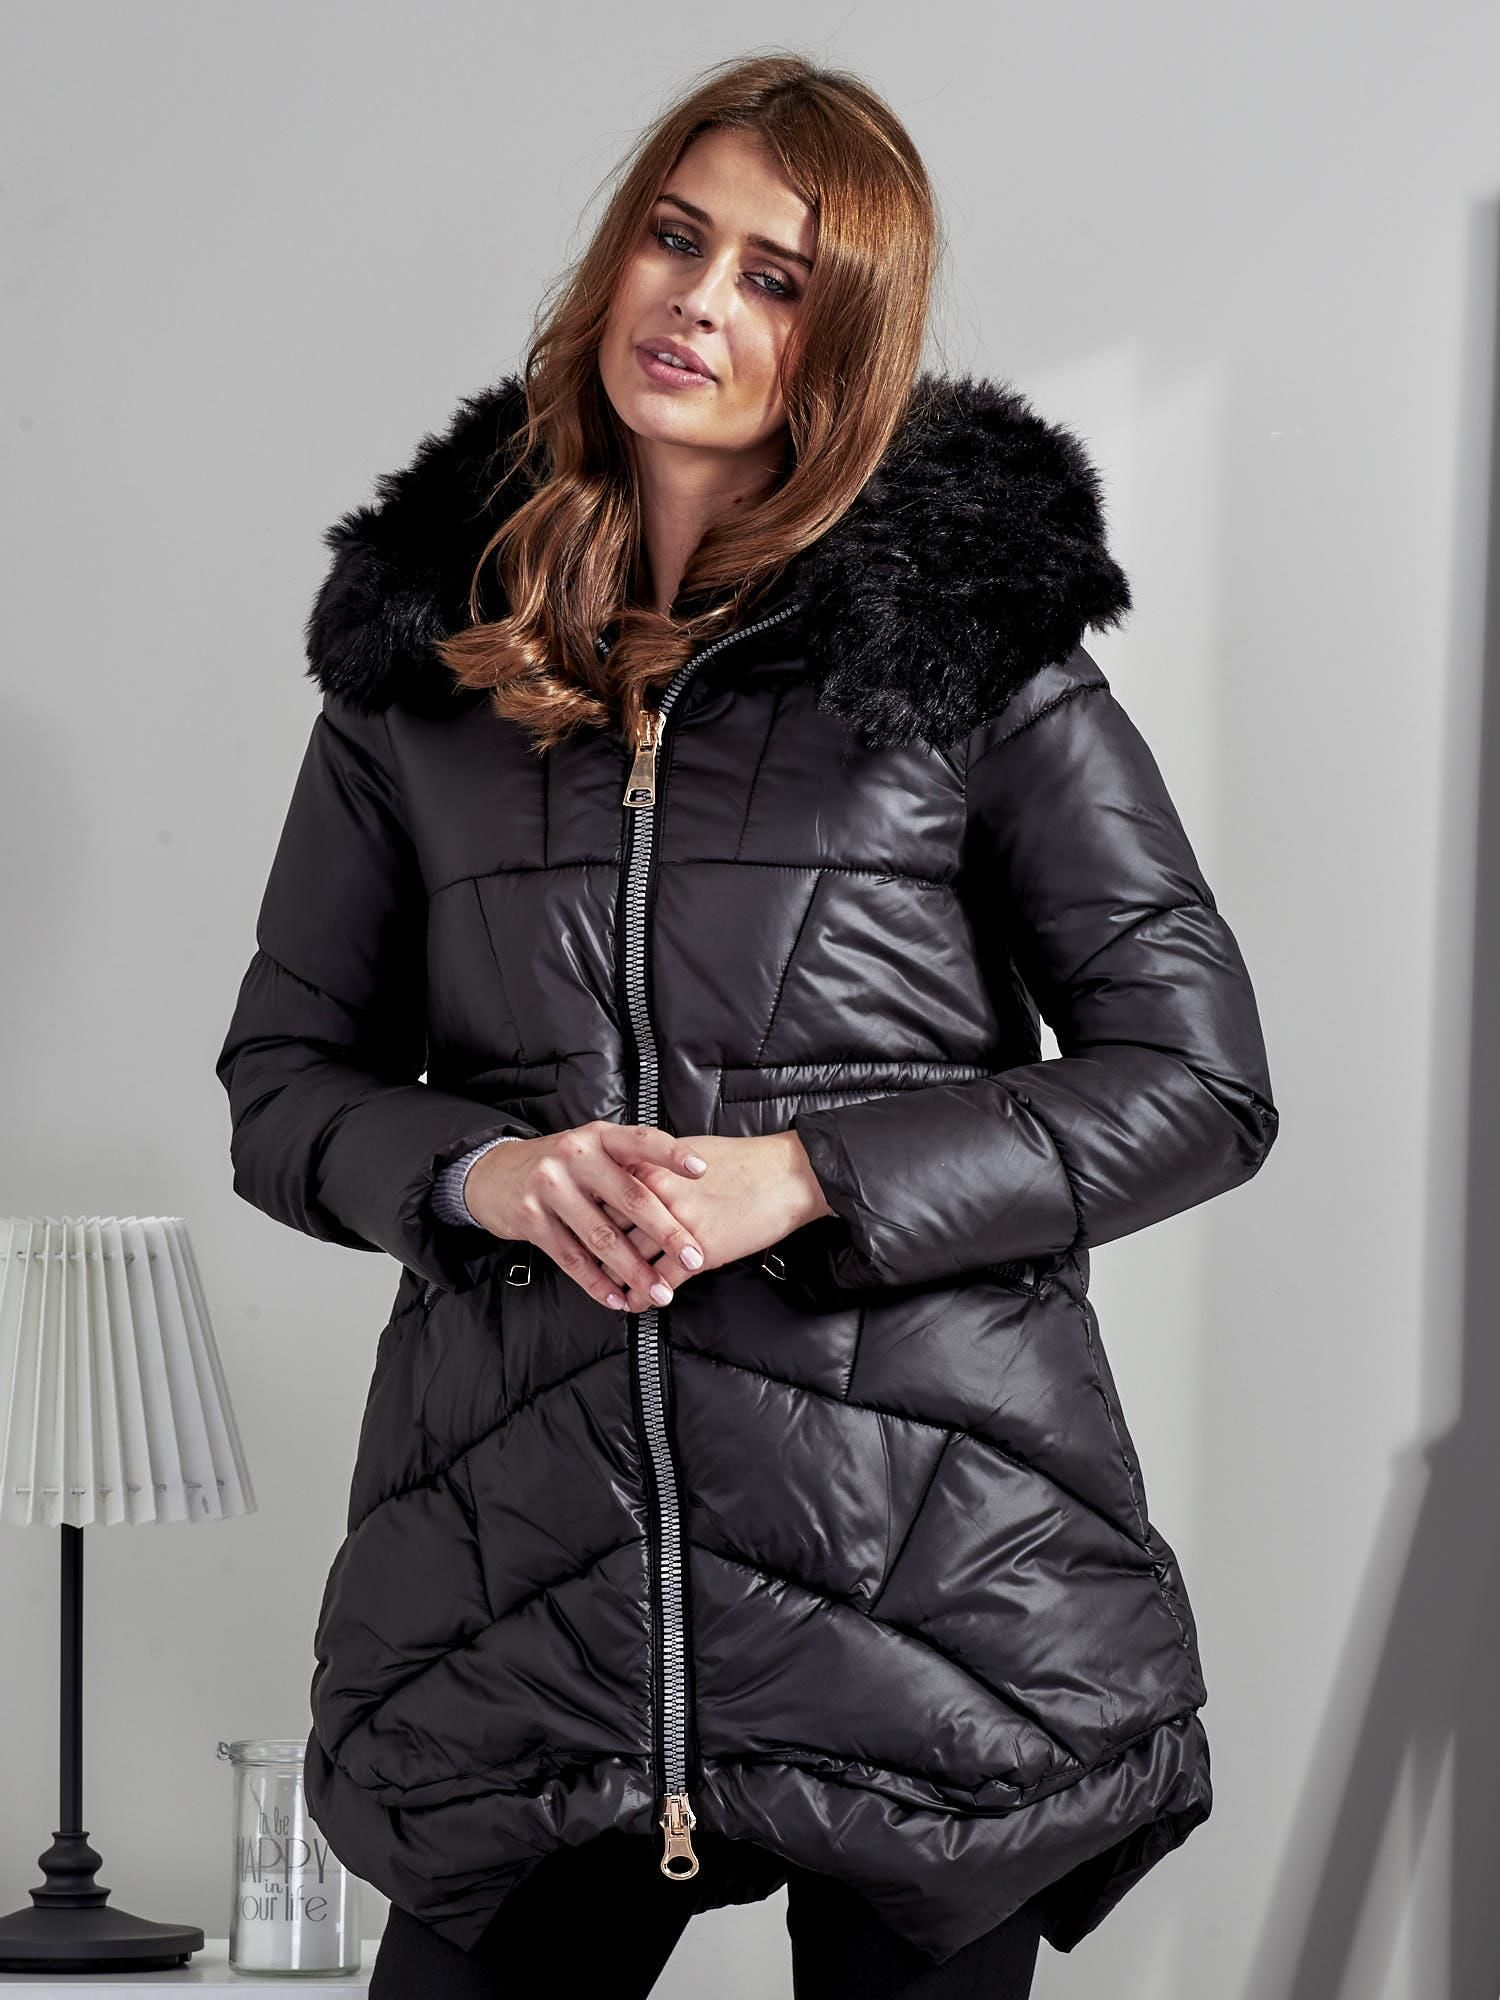 ac78985d04f47 Czarna kurtka damska z ozdobnymi suwakami - Kurtka zimowa - sklep eButik.pl